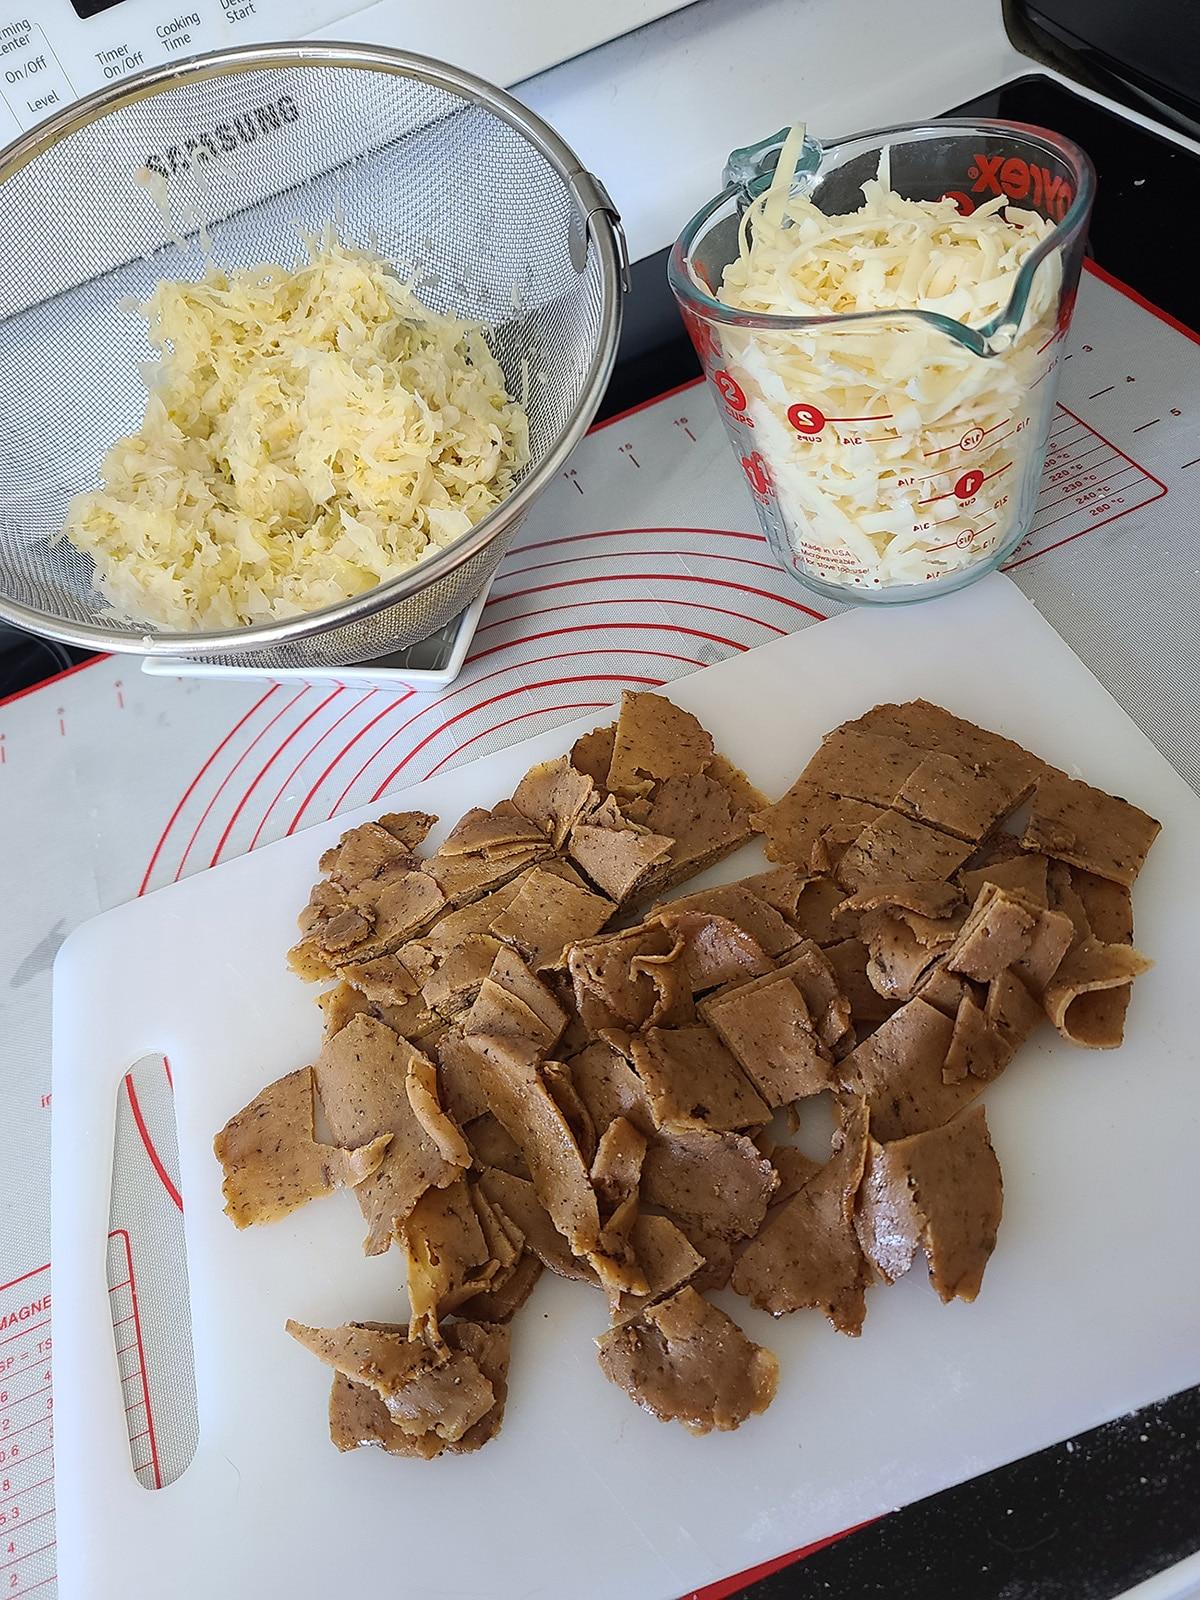 Chopped vegetarian pastrami, drained sauerkraut, and shredded Swiss cheese.